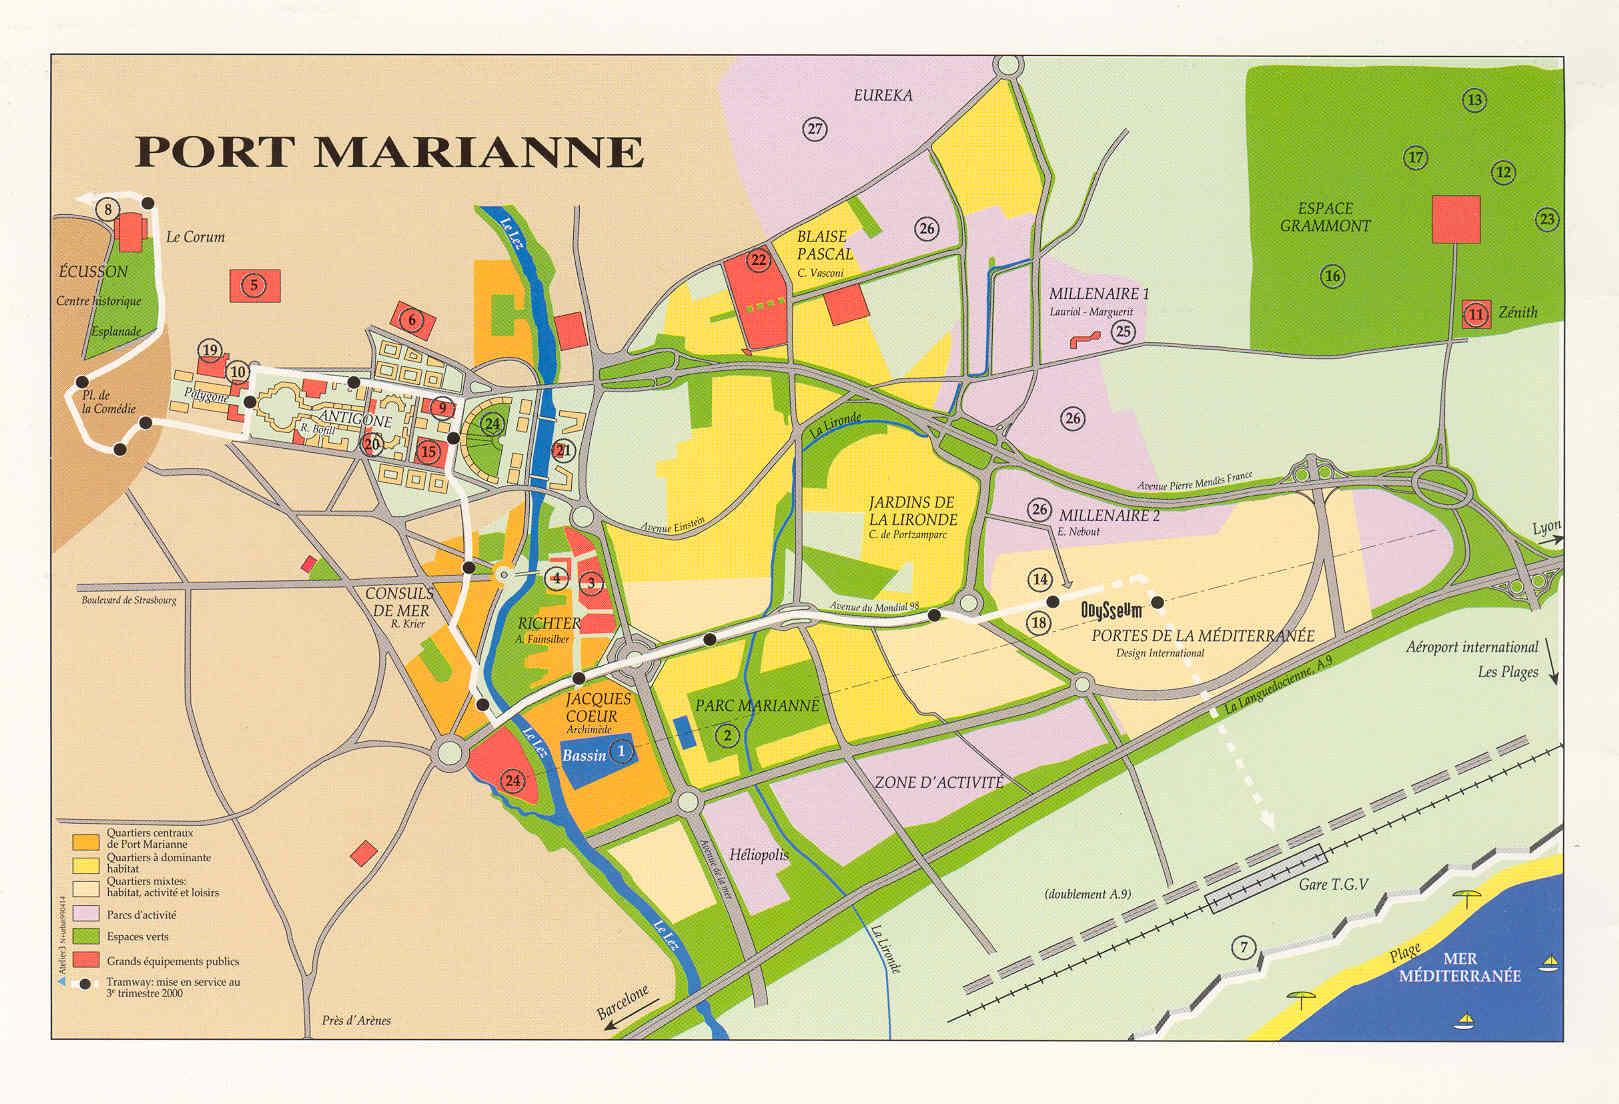 Stadtentwicklungspolitik montpellier - Horaire poste montpellier port marianne ...